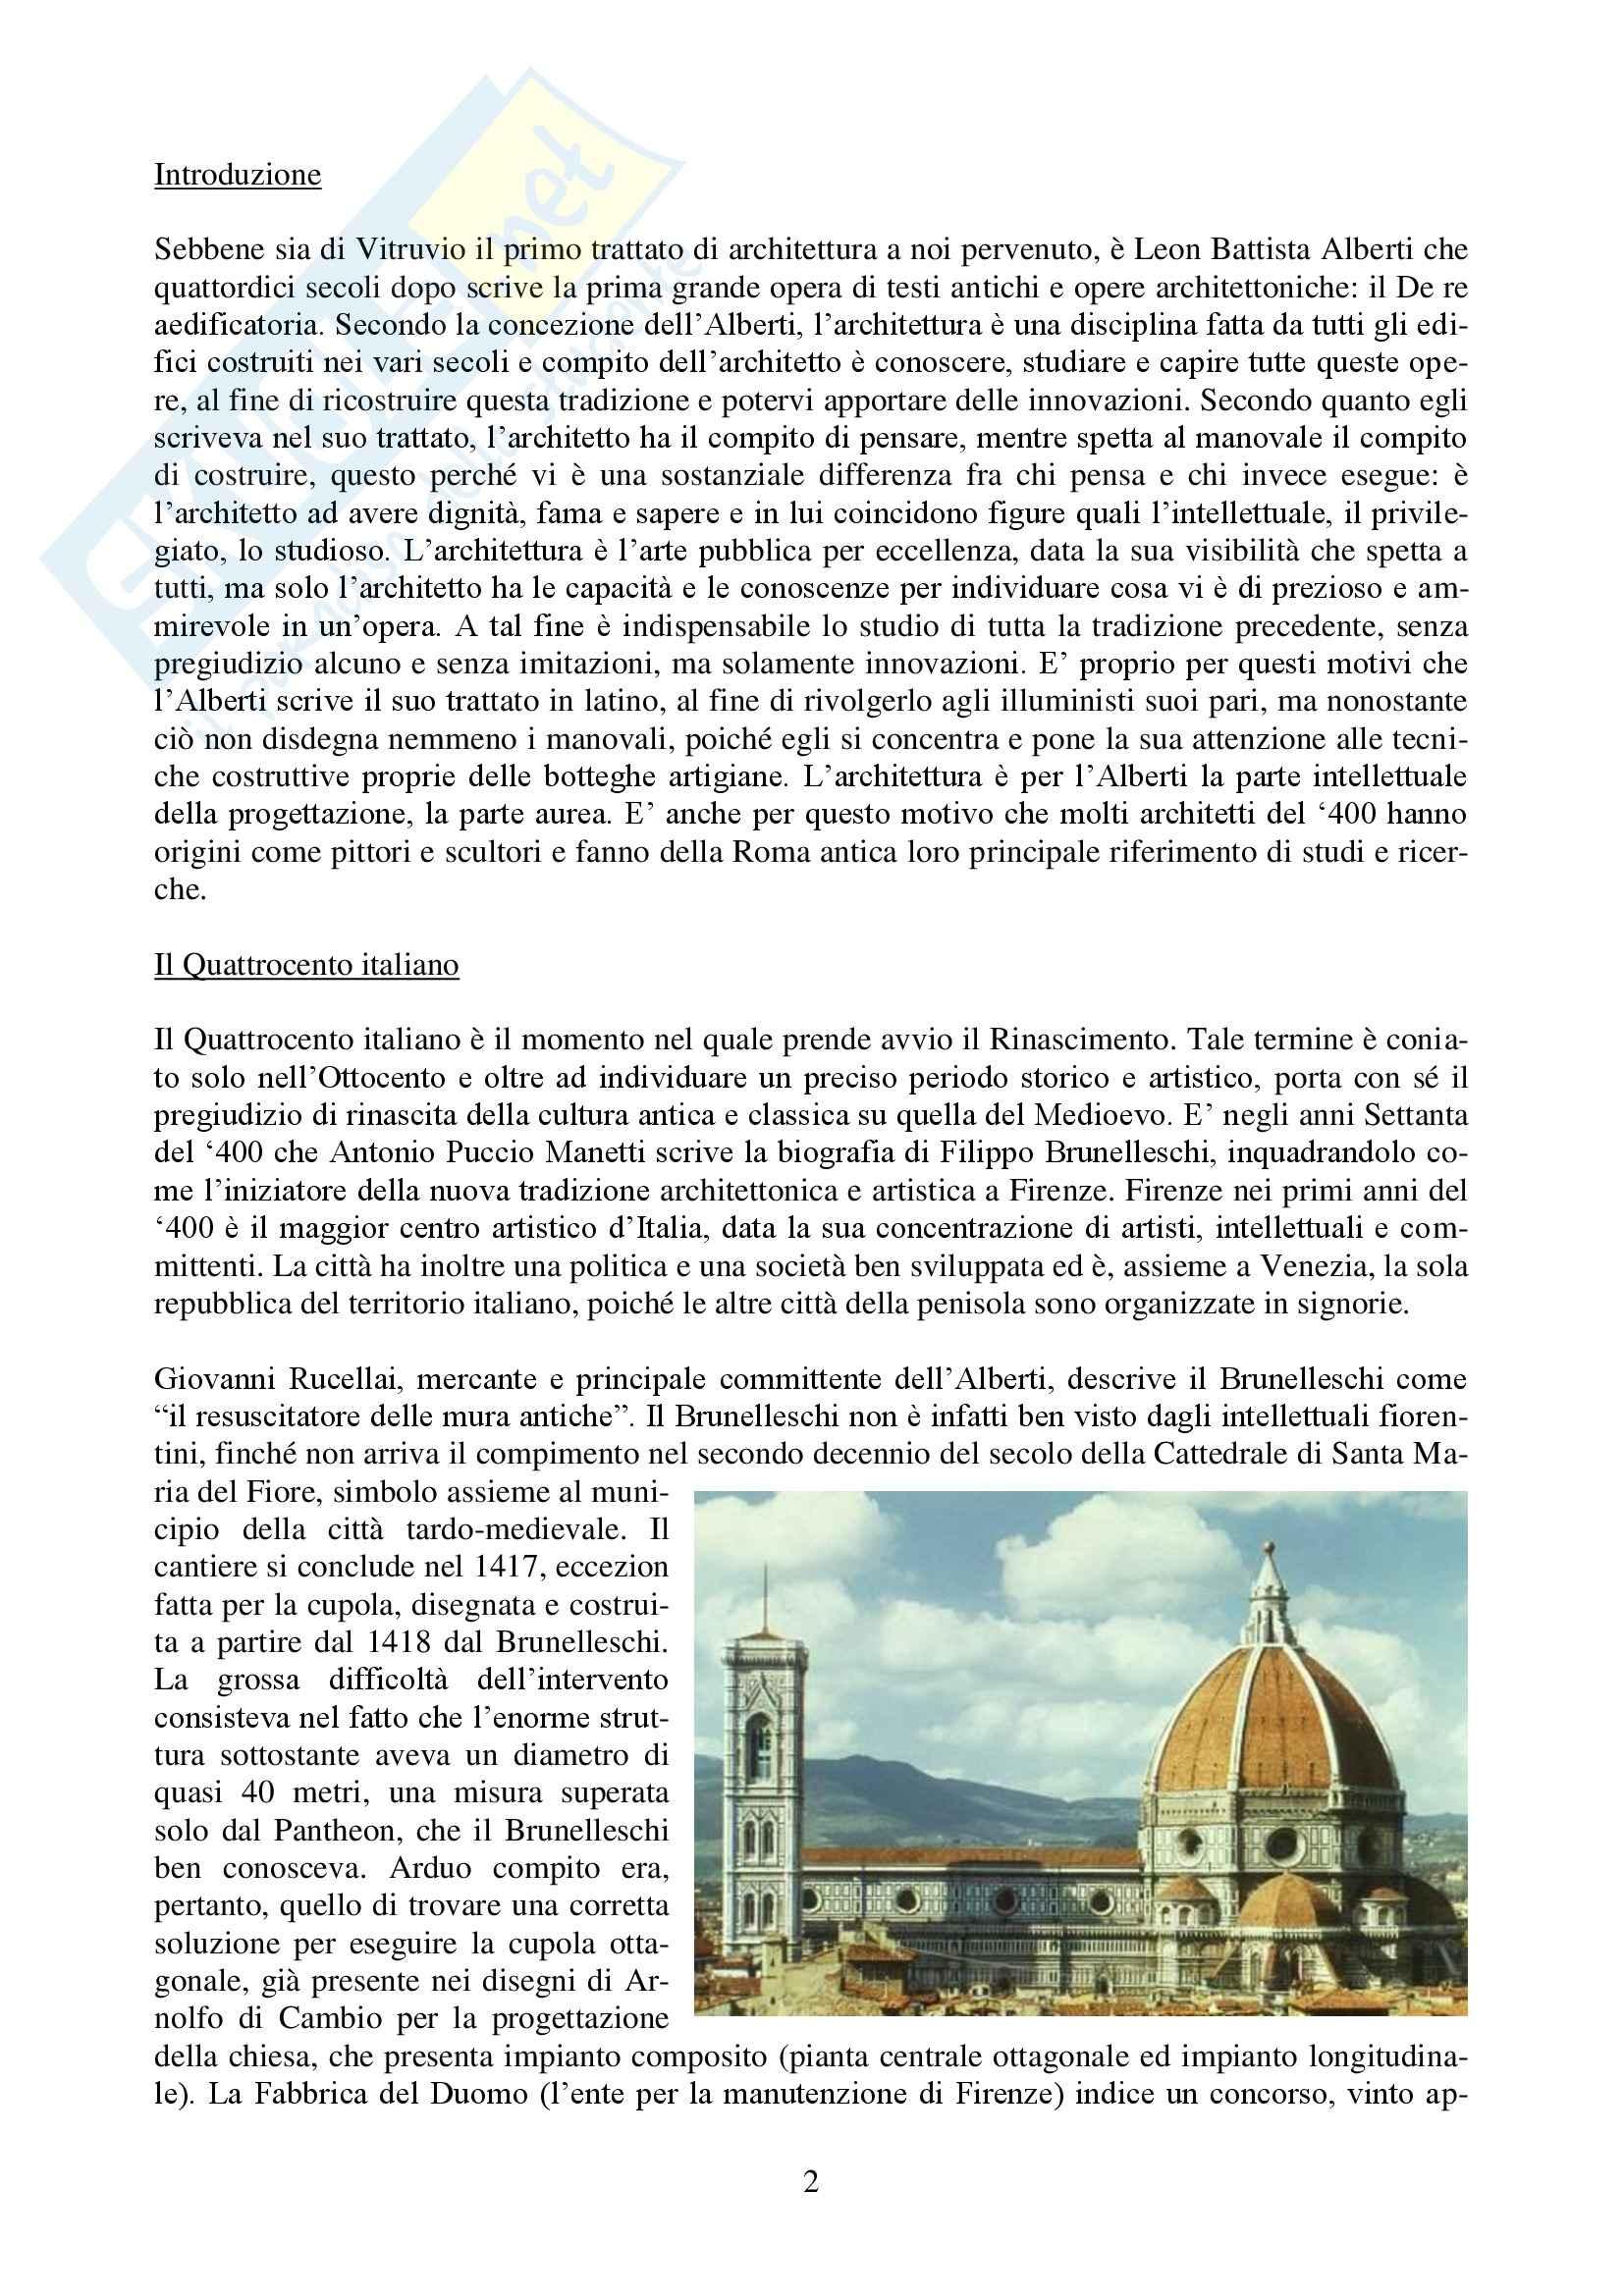 Riassunto esame Storia dell'Architettura Italiana - DAL '400 al '750, prof. Bulgarelli Pag. 2